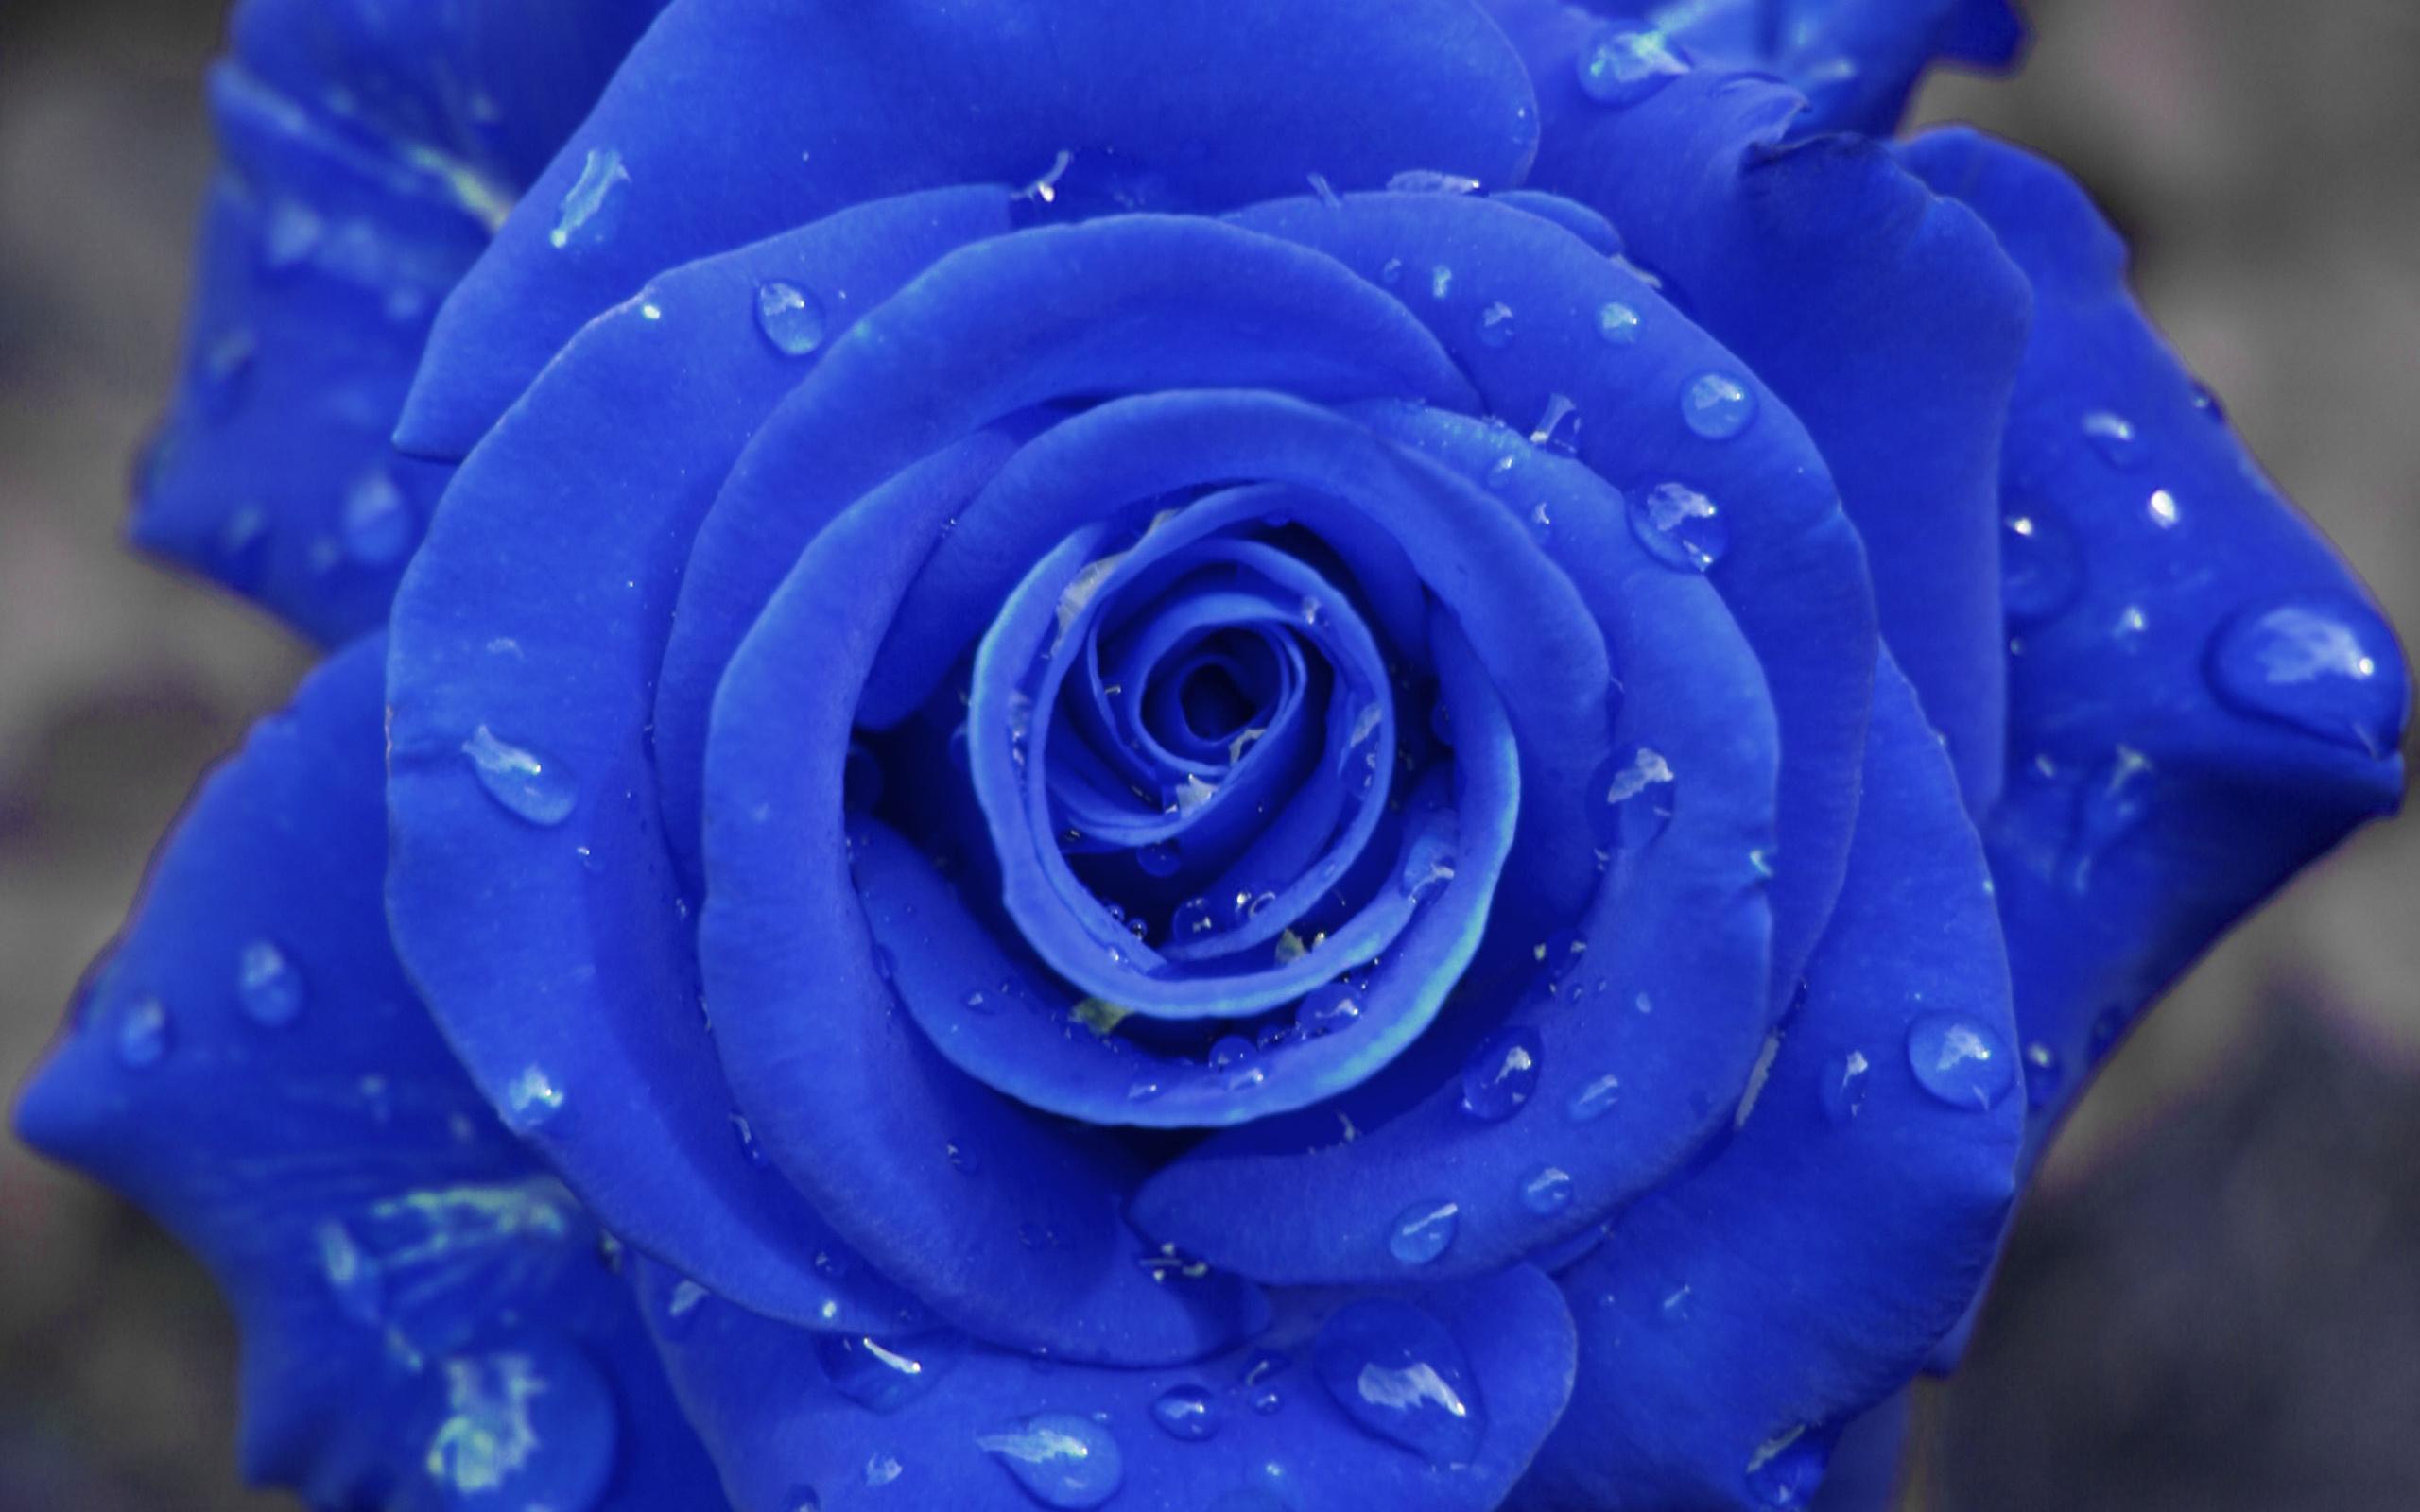 Философскими высказываниями, красивые картинки с розами синими